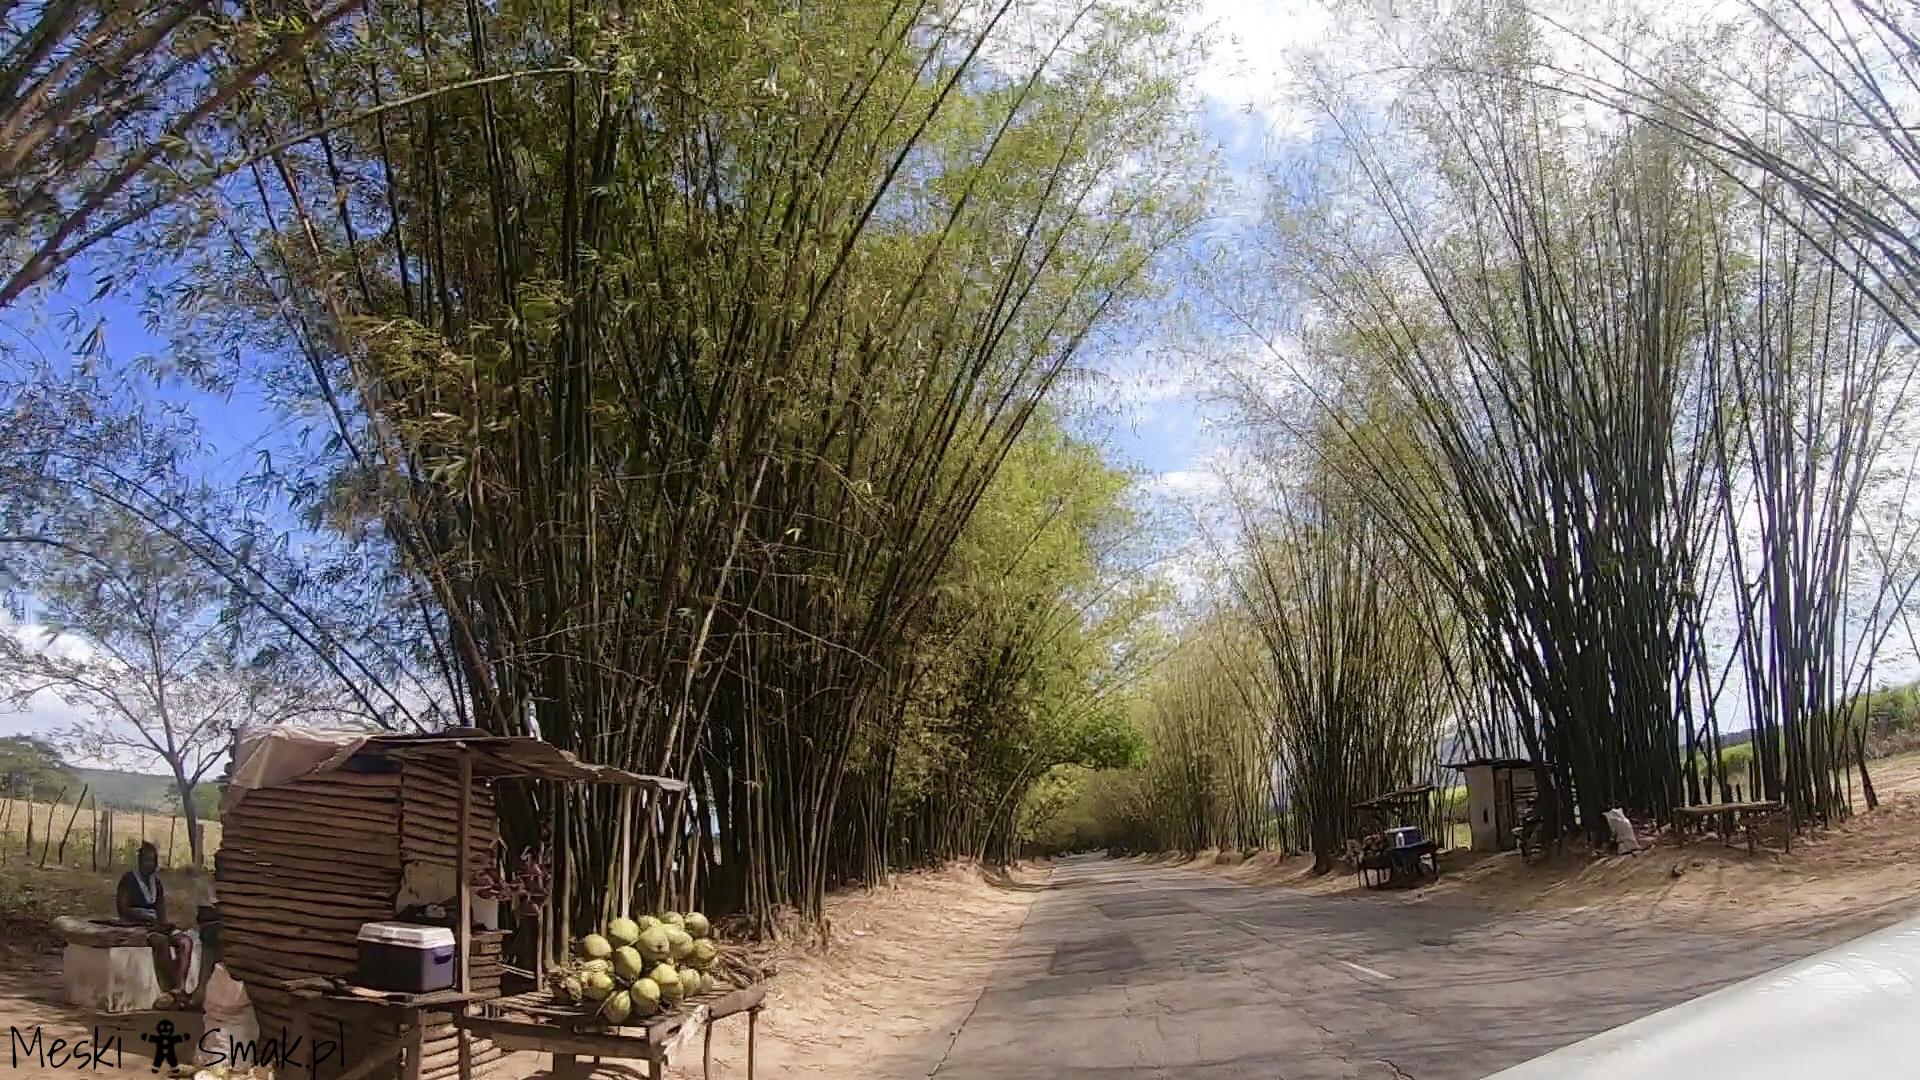 Wakacje i wycieczki Jamajka_aleja bambusowa Bamboo Avenue 2